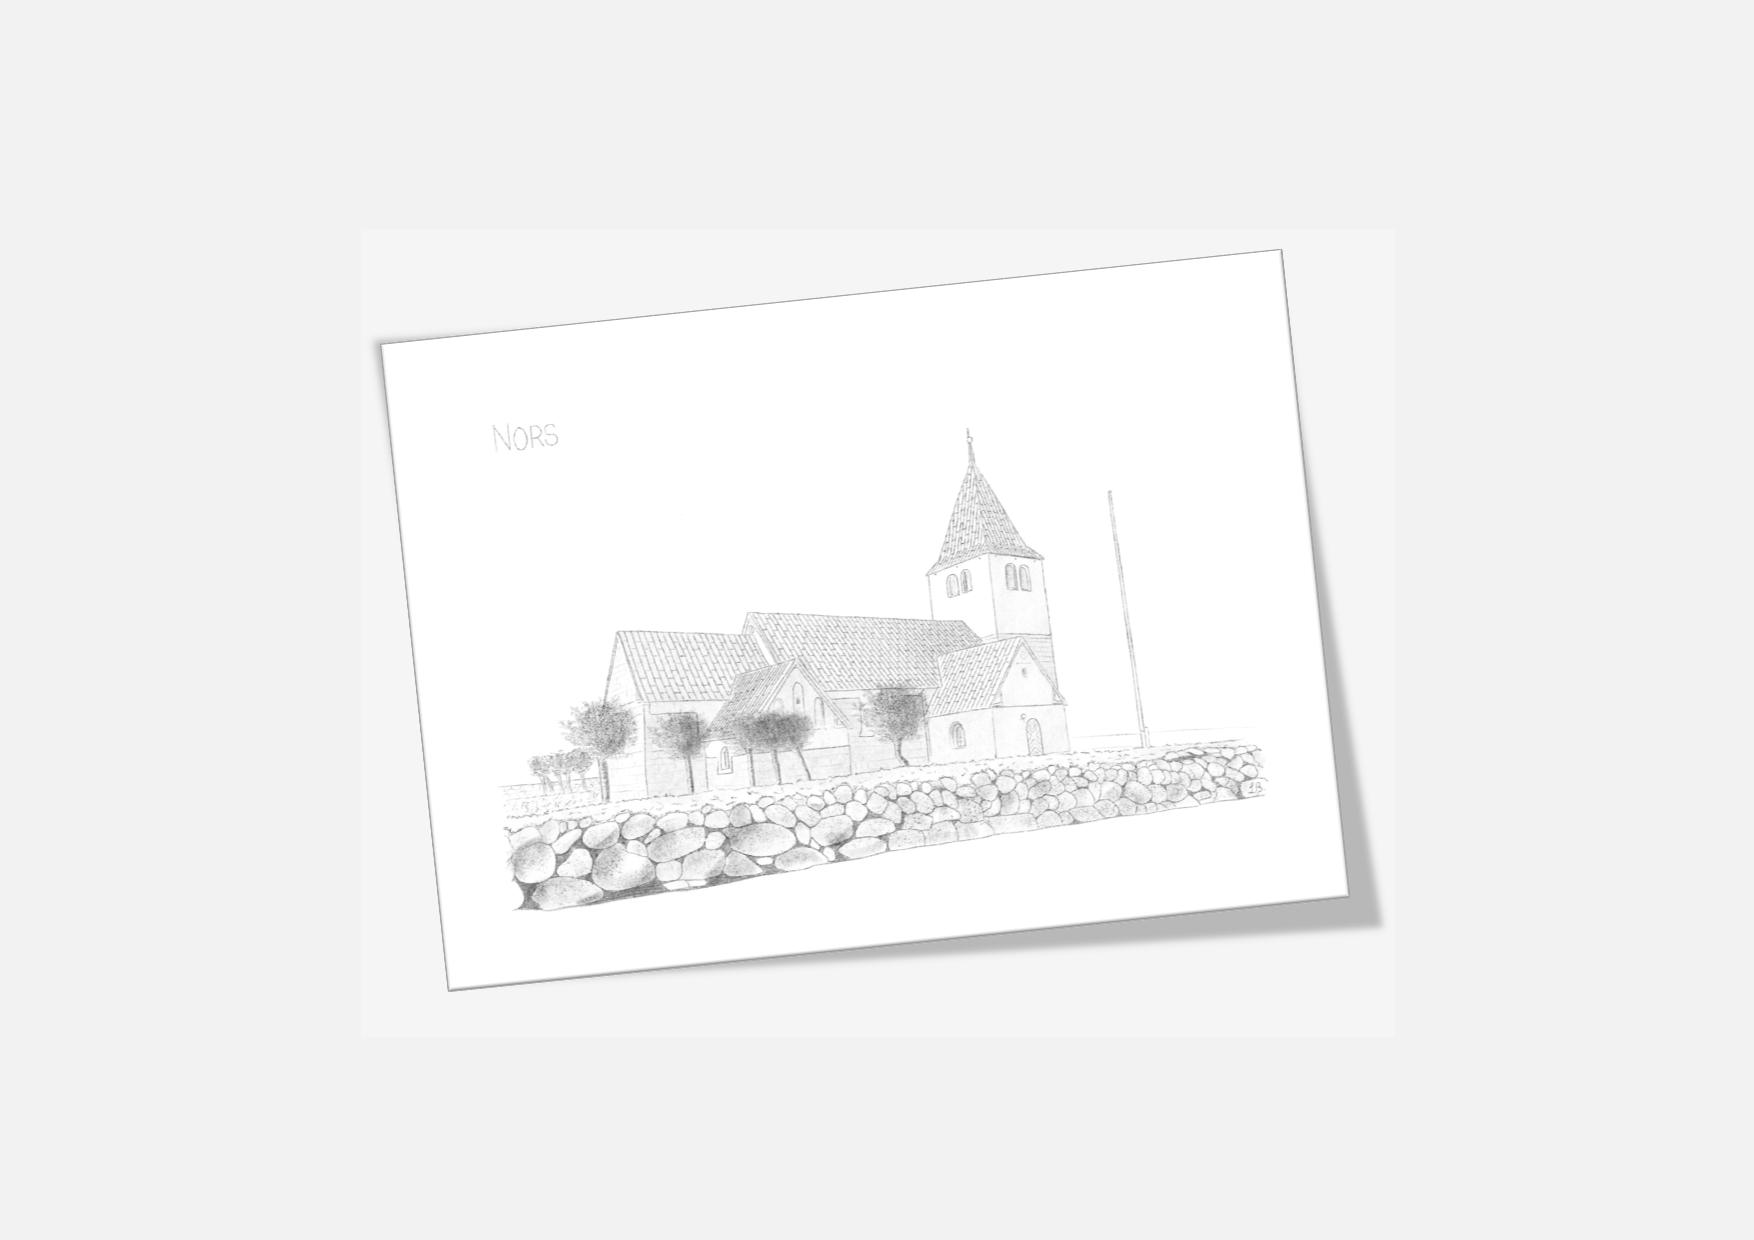 Varebillede Nors Kirke kort